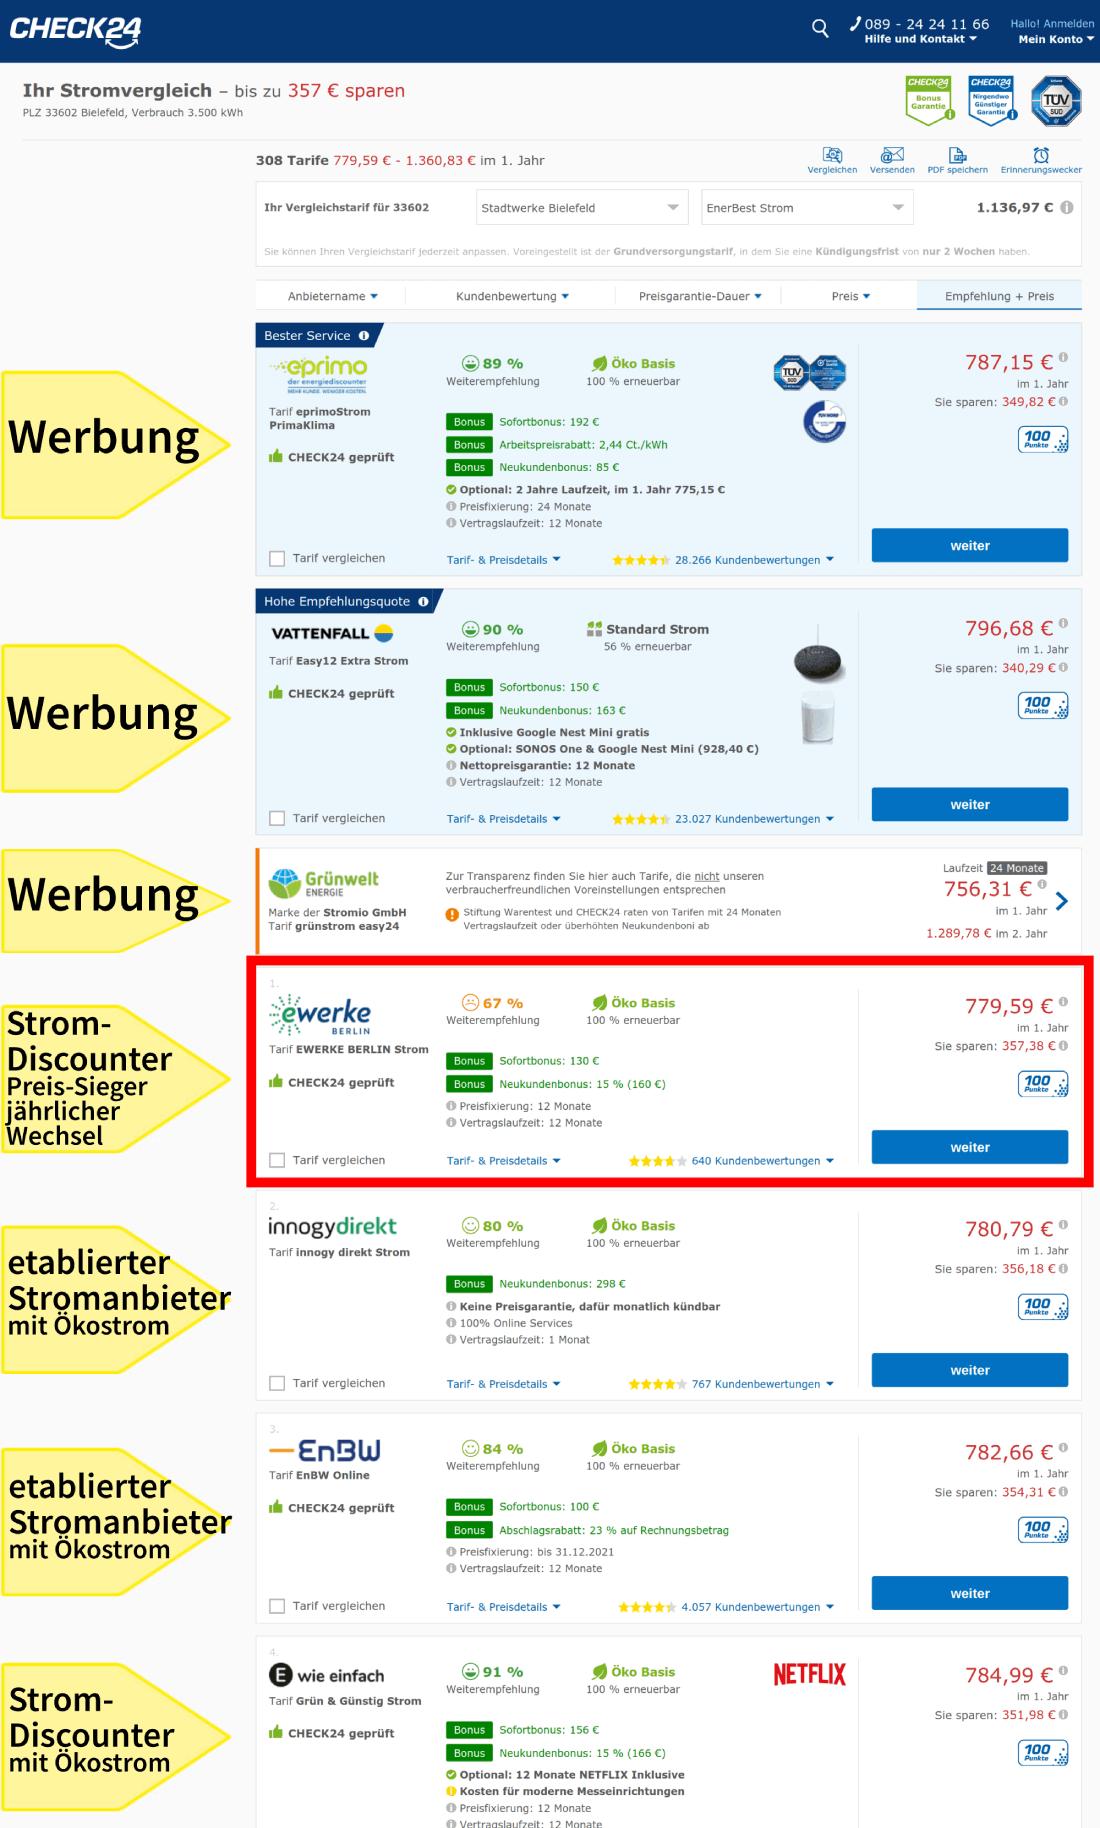 Stromanbieter jährlich wechseln in Bielefeld: Die Ergebnisse im Stromvergleich im Vergleichsportal Check24